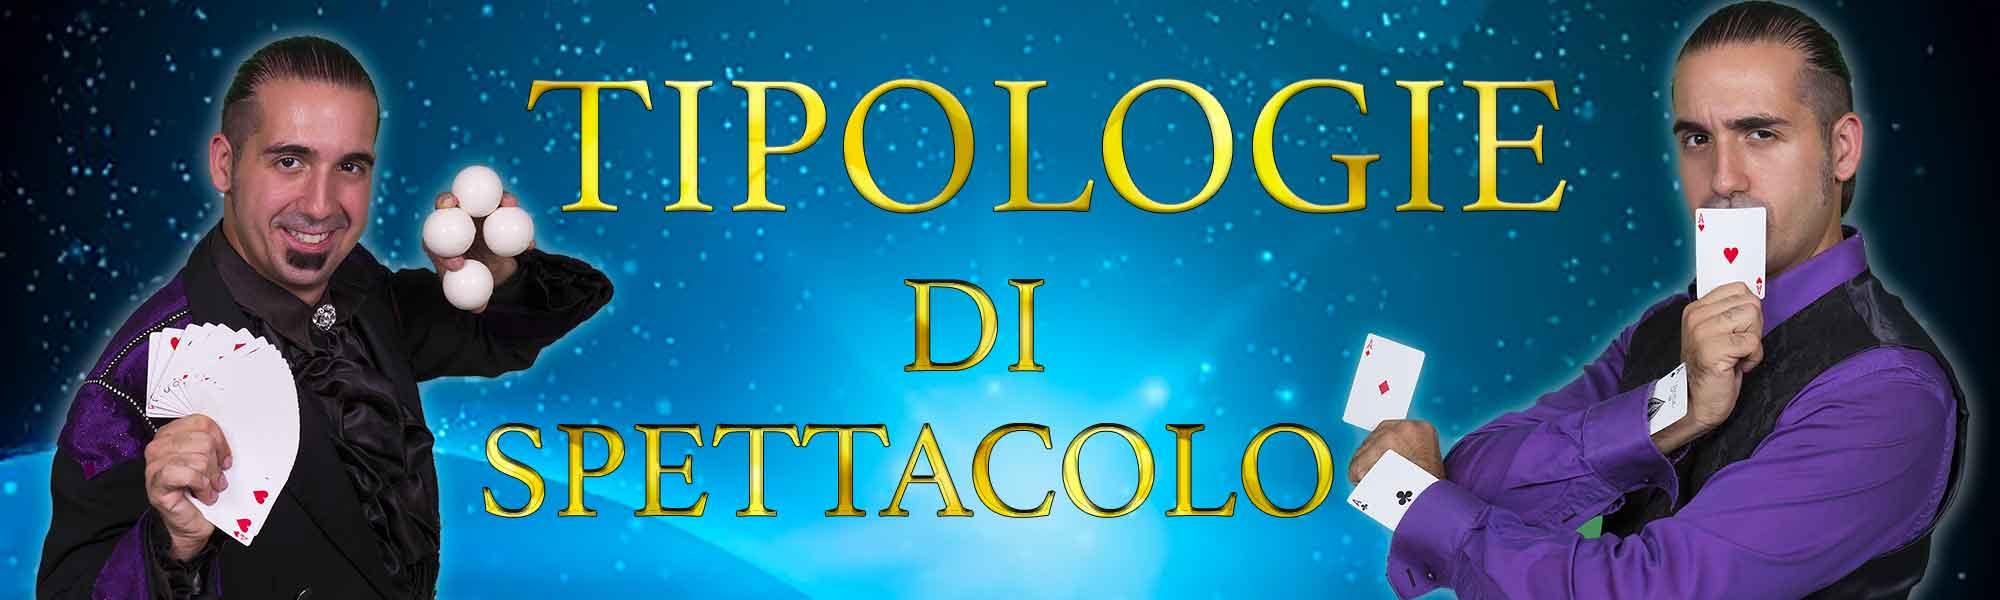 TIPOLOGIE-DI-SPETTACOLO-